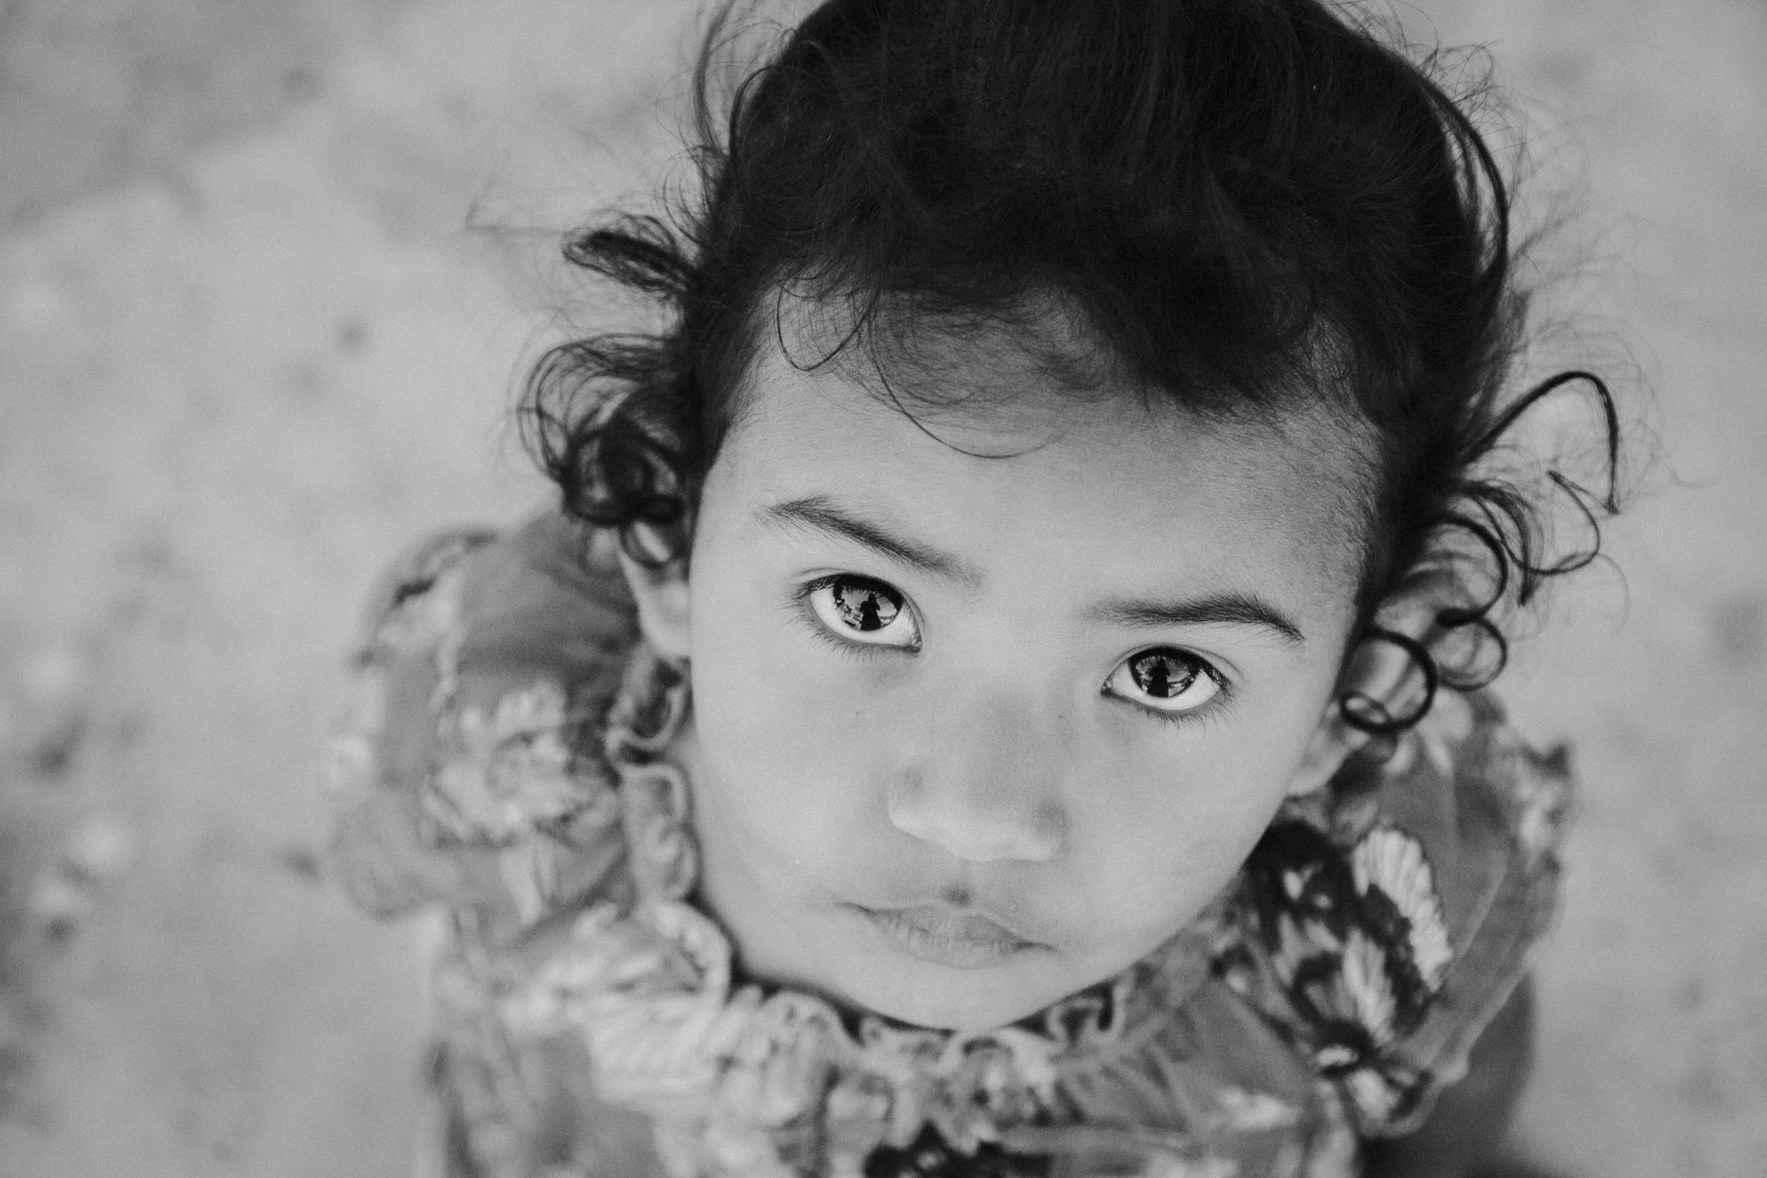 HELP US HELP HONDURAS. image